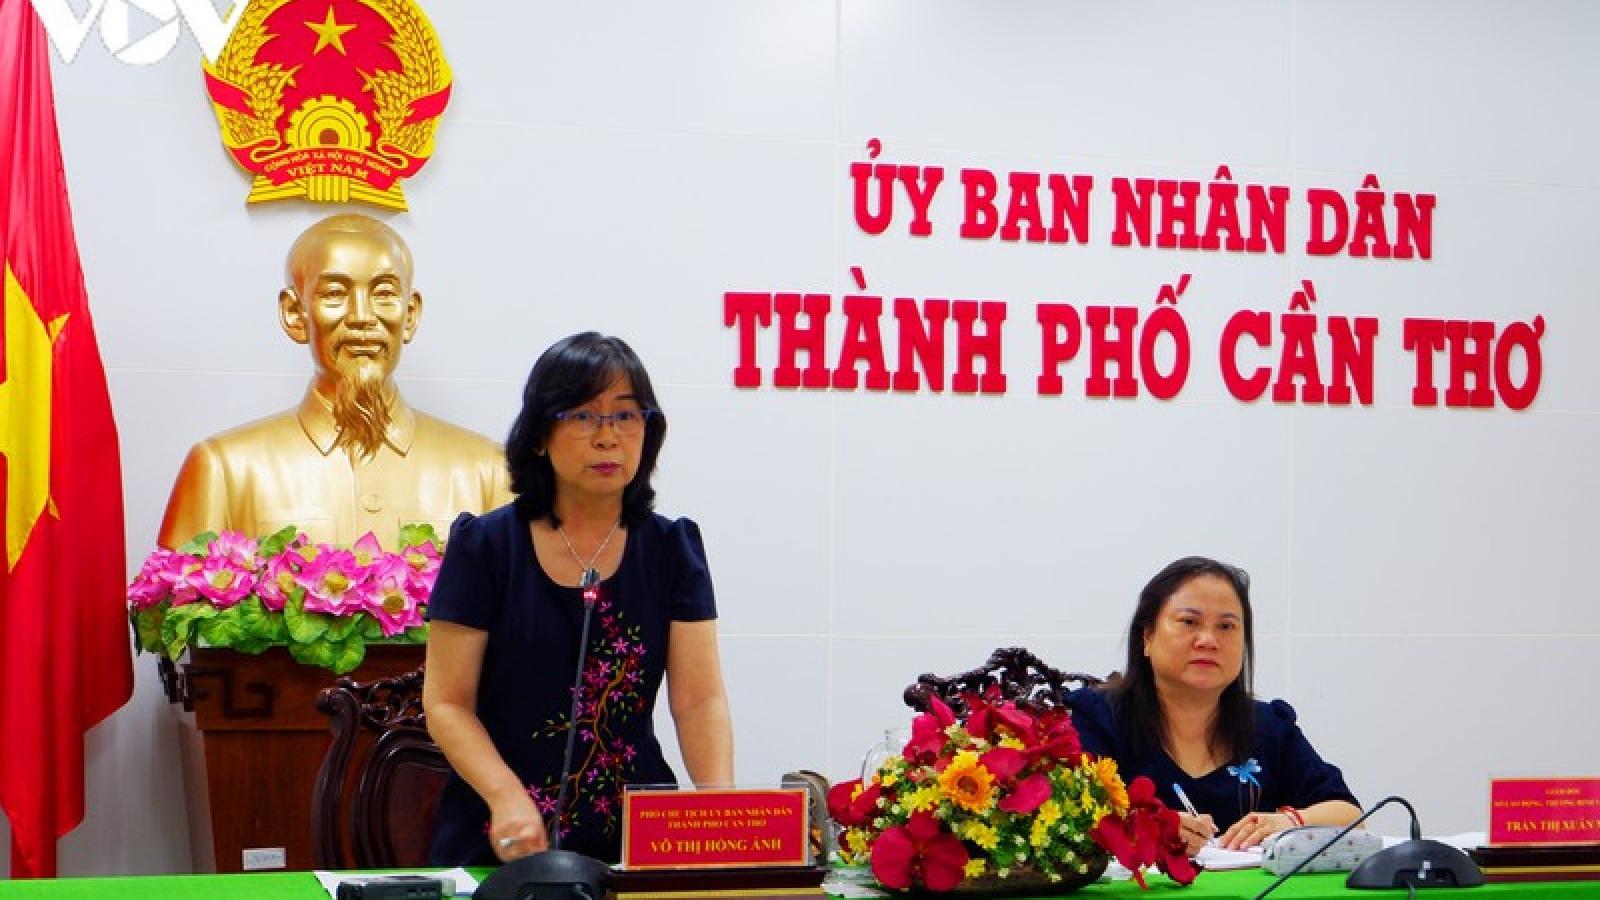 Gần 30.000 lao động Cần Thơ mong nhận hỗ trợ từ gói 62.000 tỷ